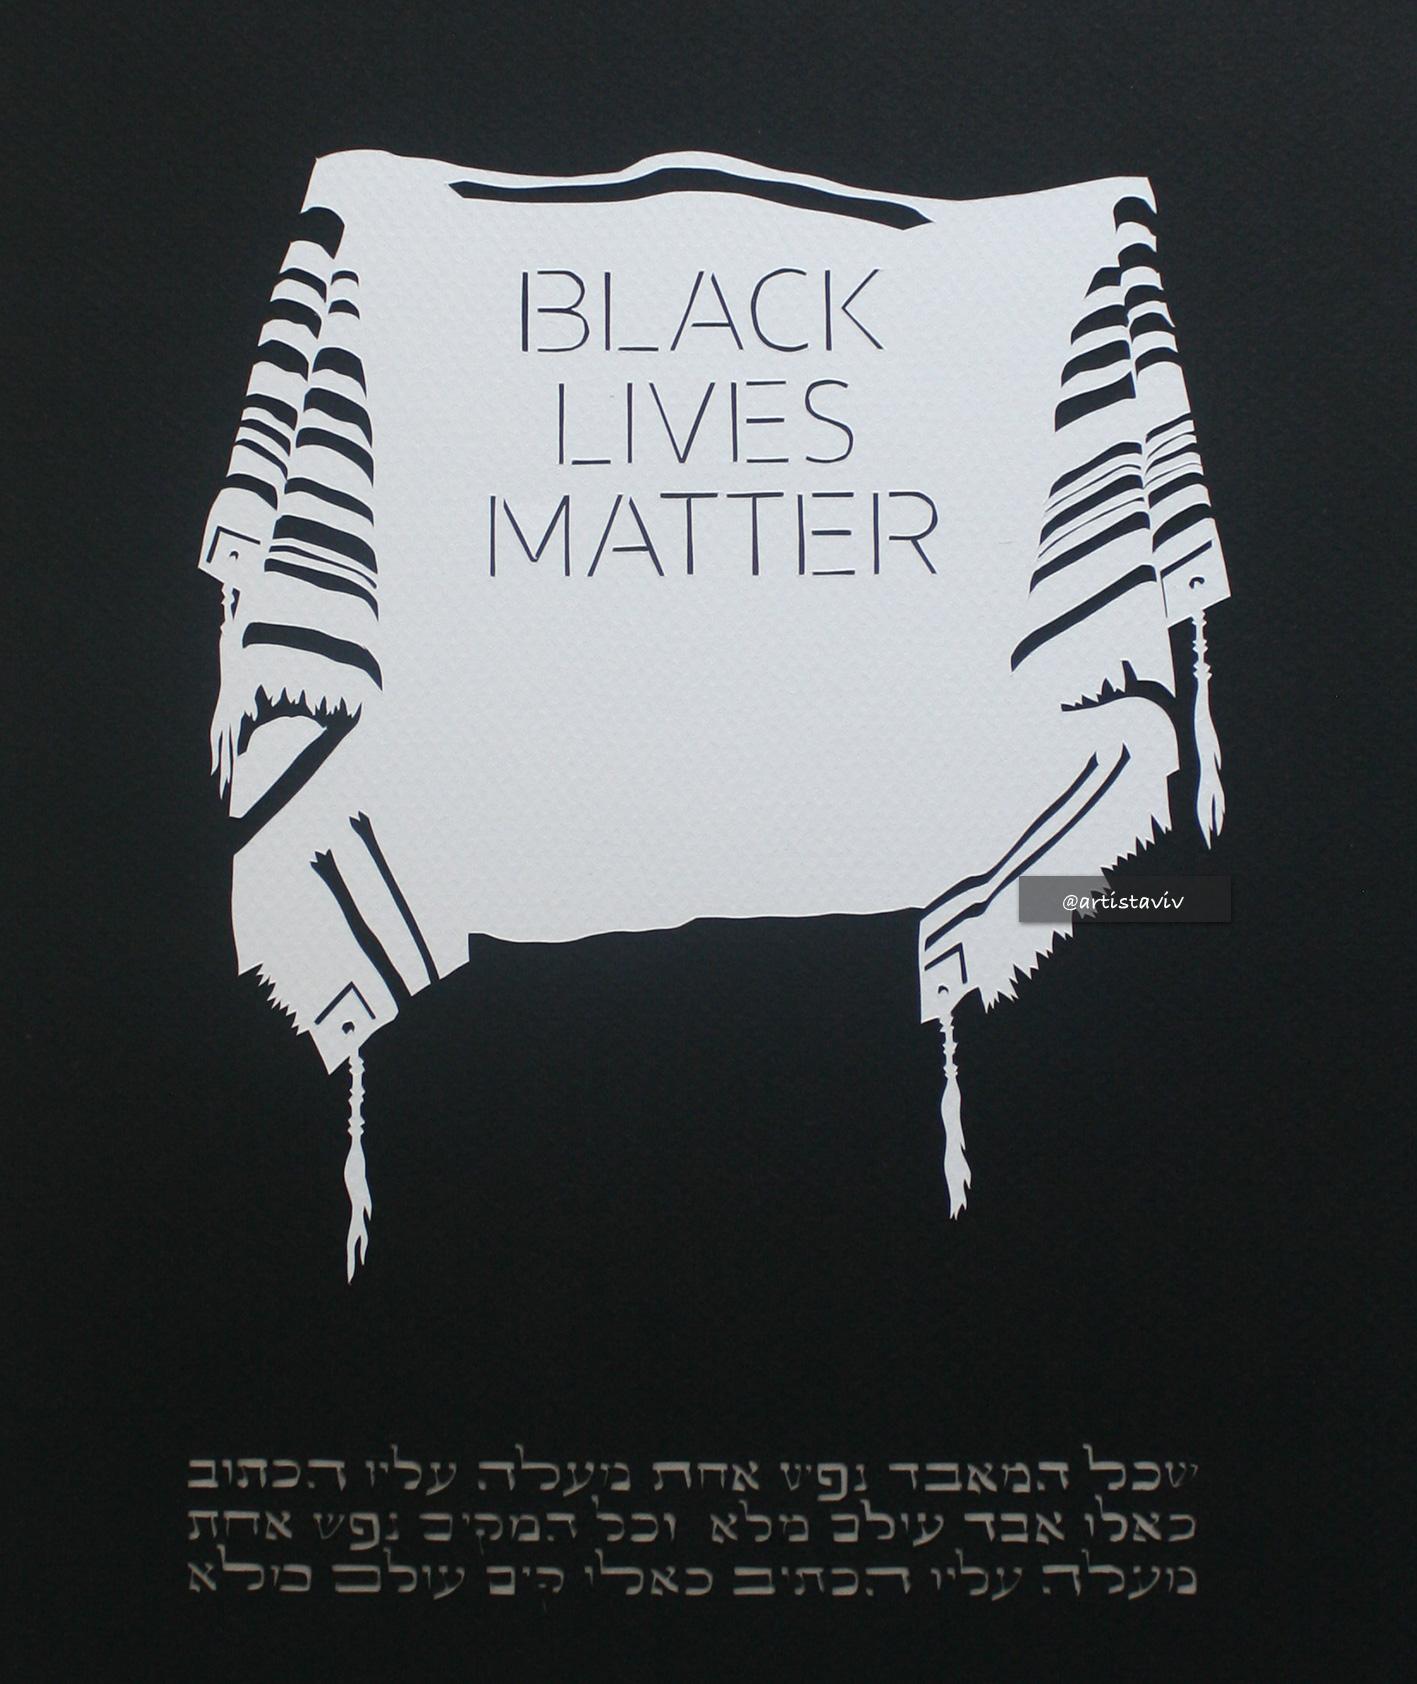 The artist behind the Black Lives Matter tallis artwork